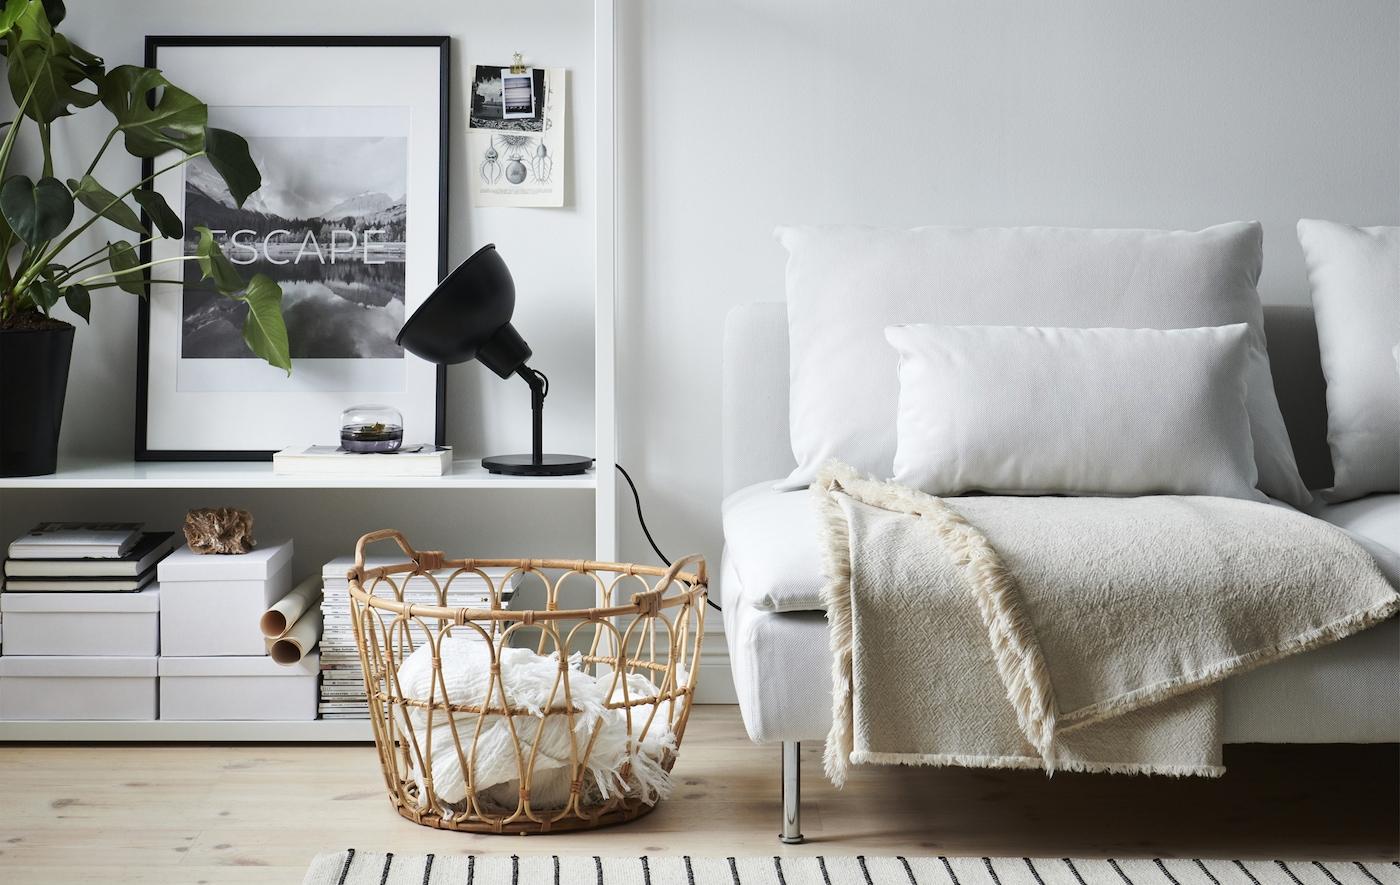 غرفة جلوس مع كنبة بيضاء ومصباح أسود ووحدة تخزين مفتوحة وسلة من الخوص مليئة بالبطانيات والأغطية.